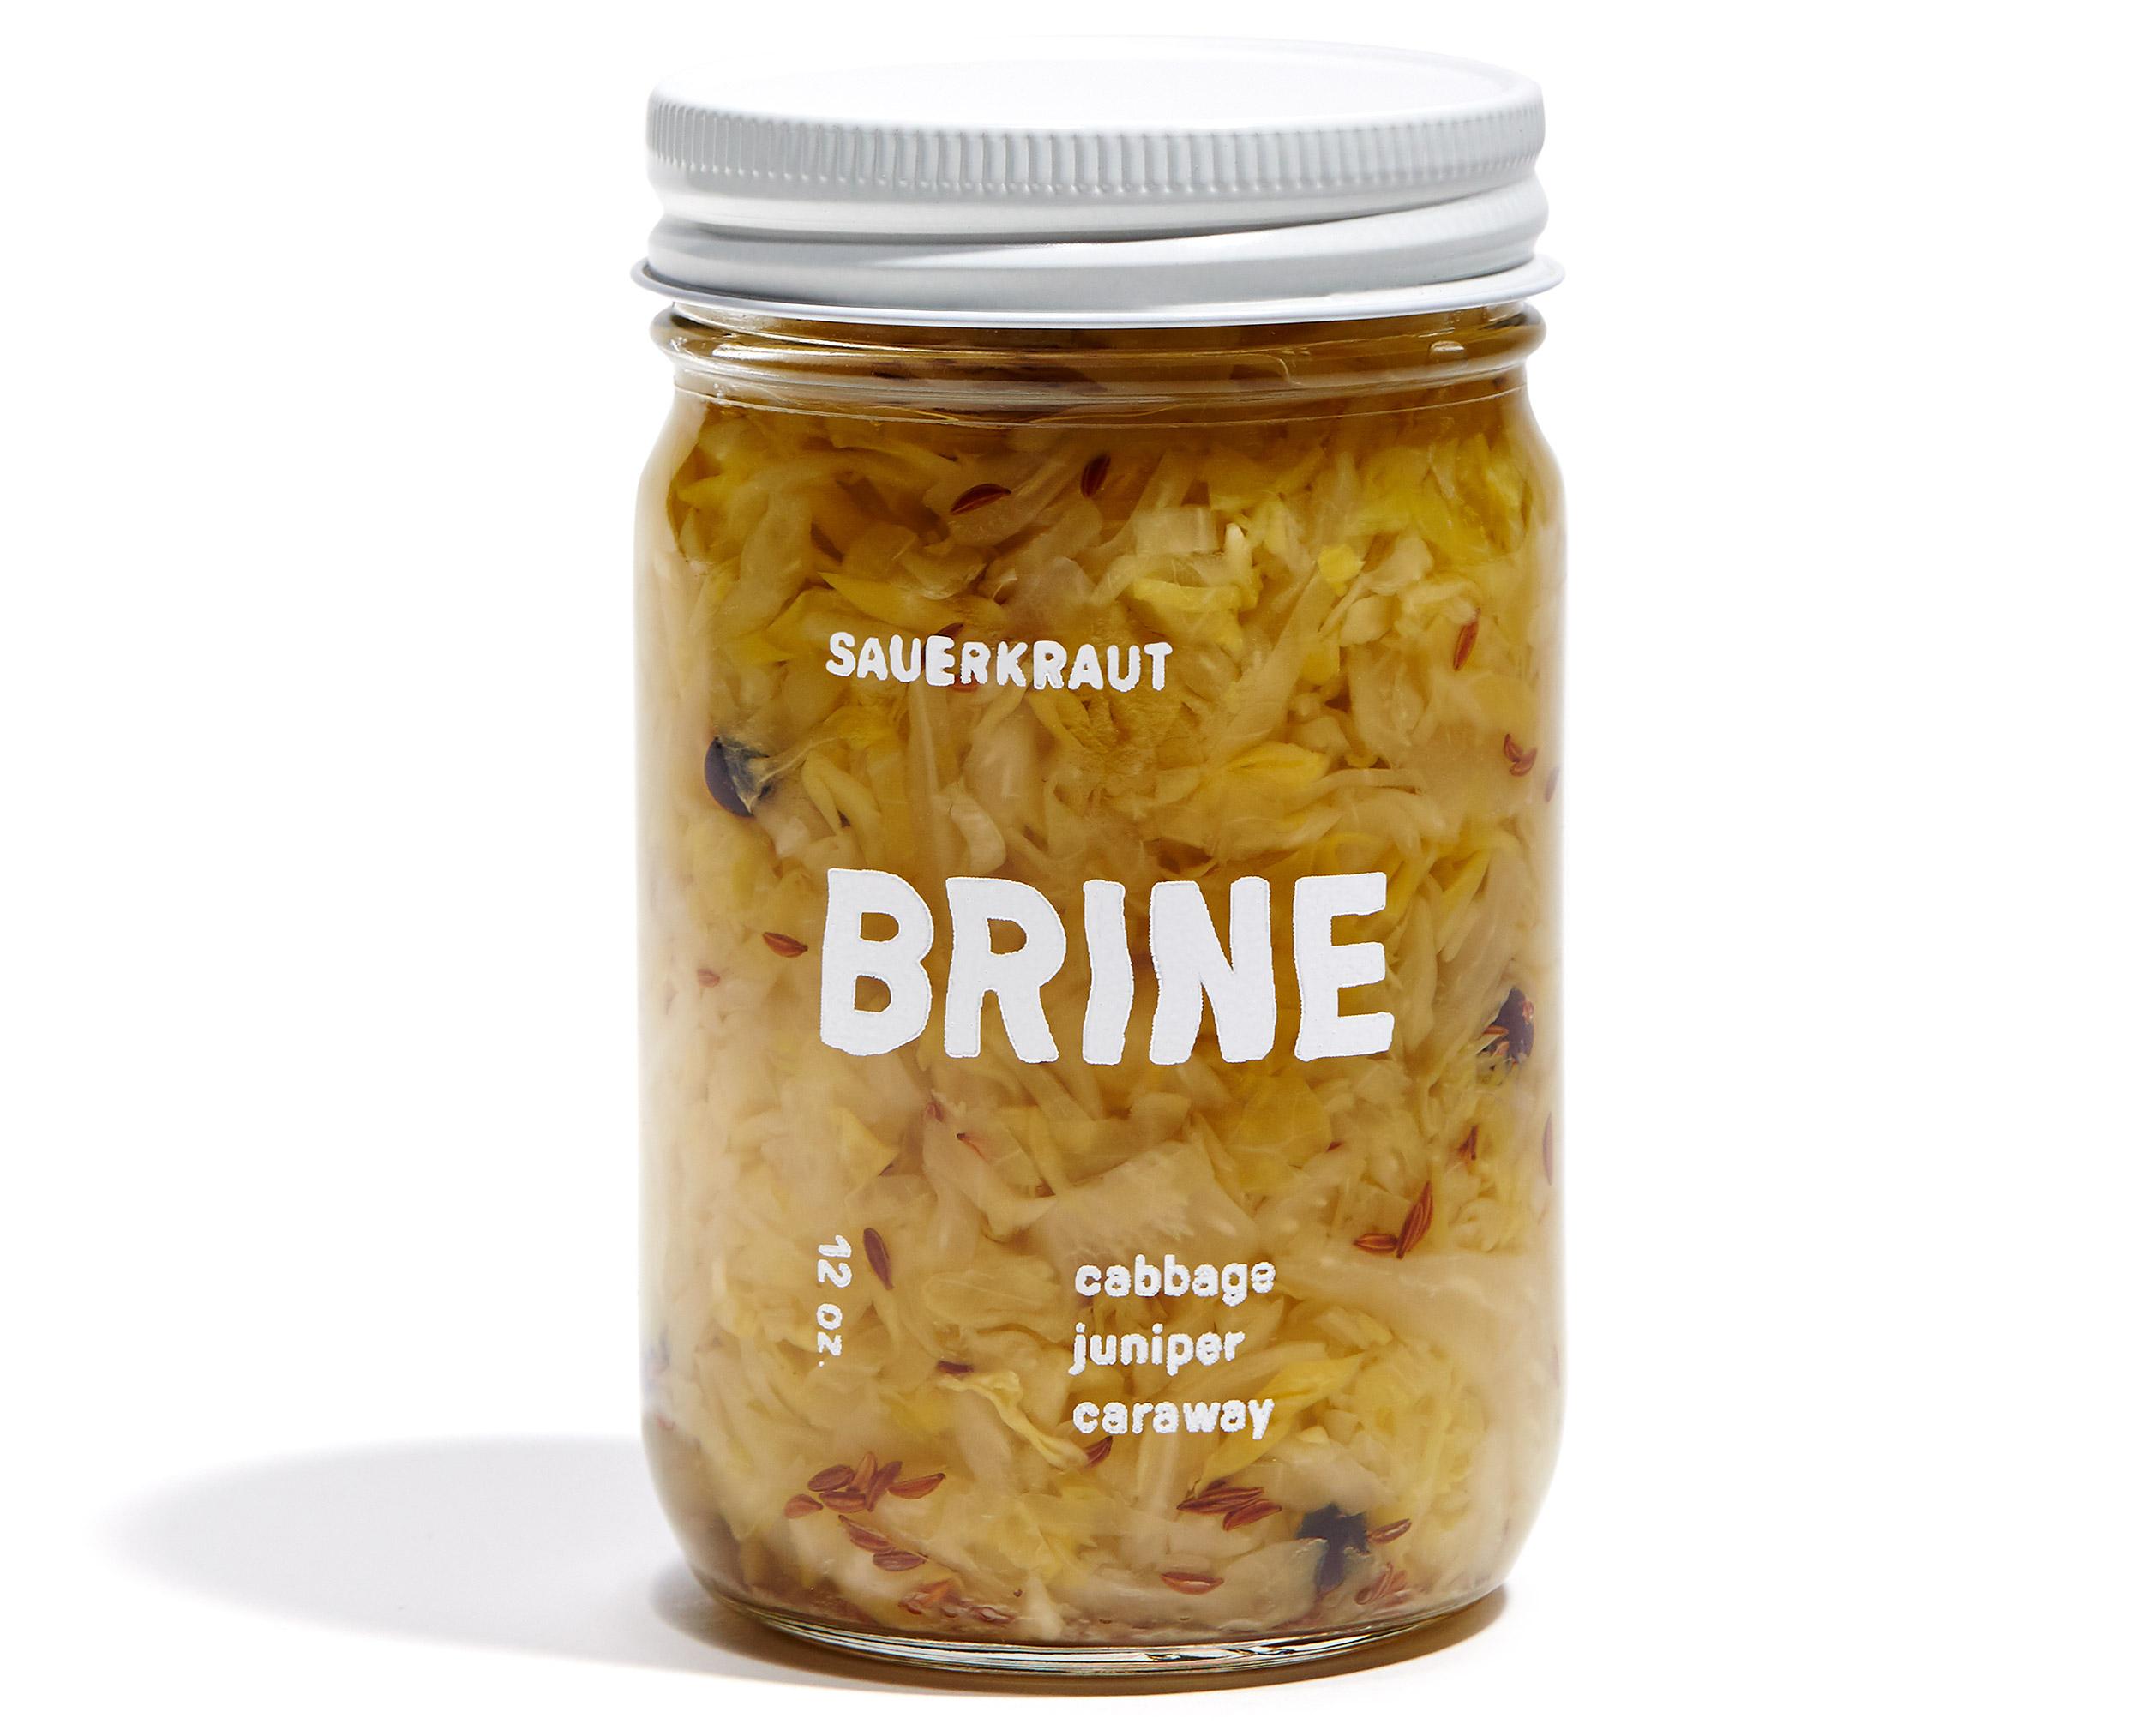 brine-sauerkraut.jpg